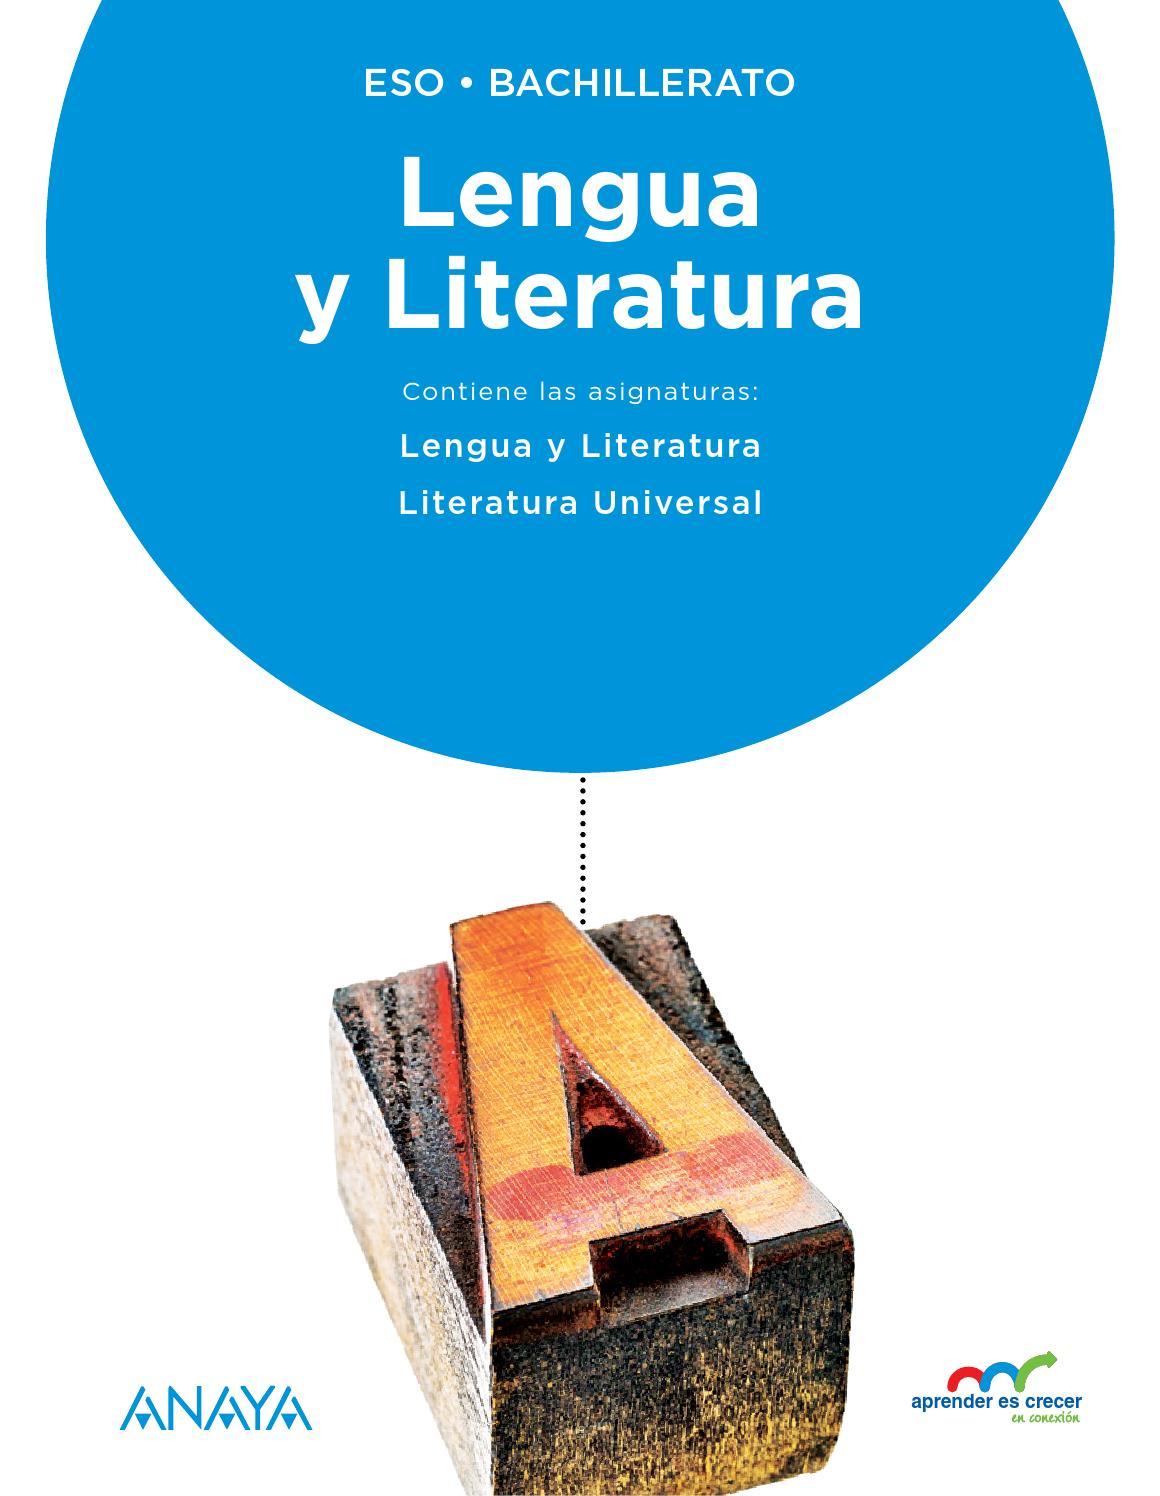 Aprender Es Crecer En Conexi U00d3n  Lengua Y Literatura By Grupo Anaya  S A